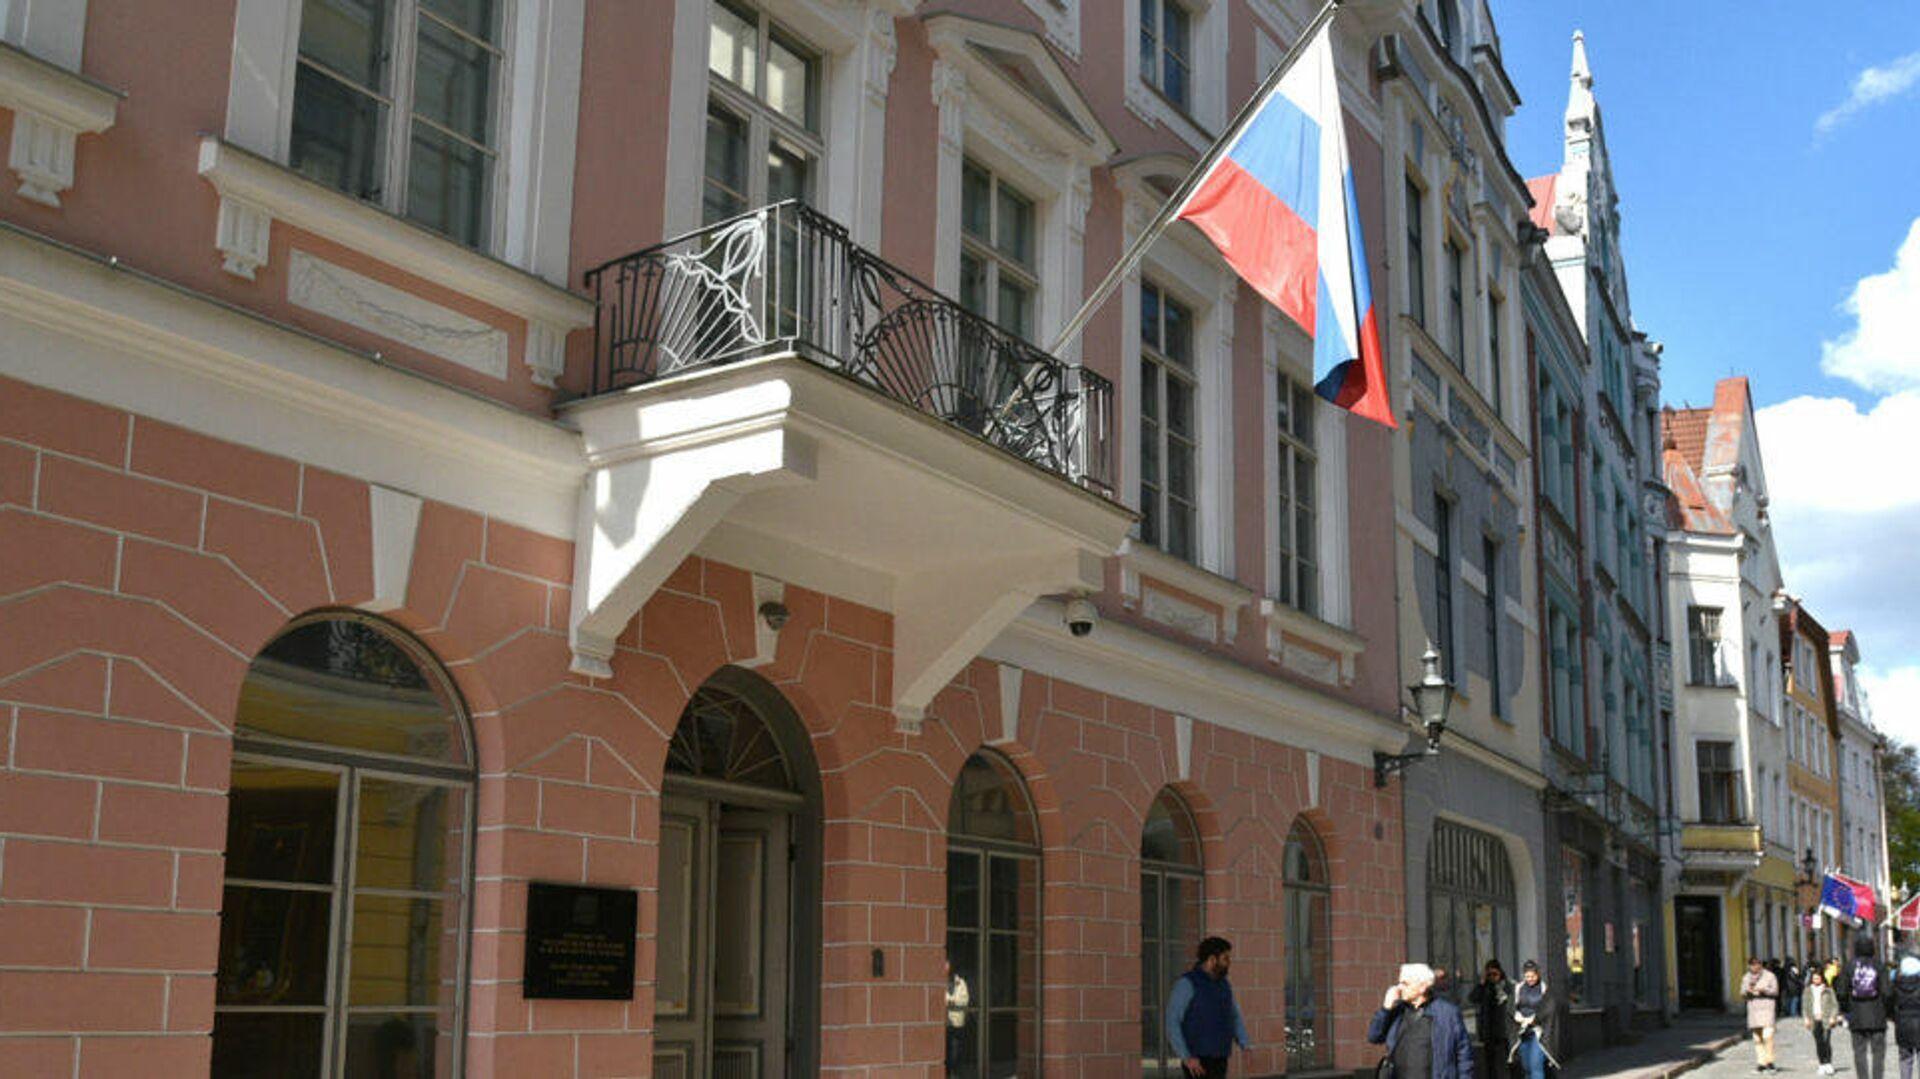 Посольство РФ в Таллине - РИА Новости, 1920, 10.04.2021